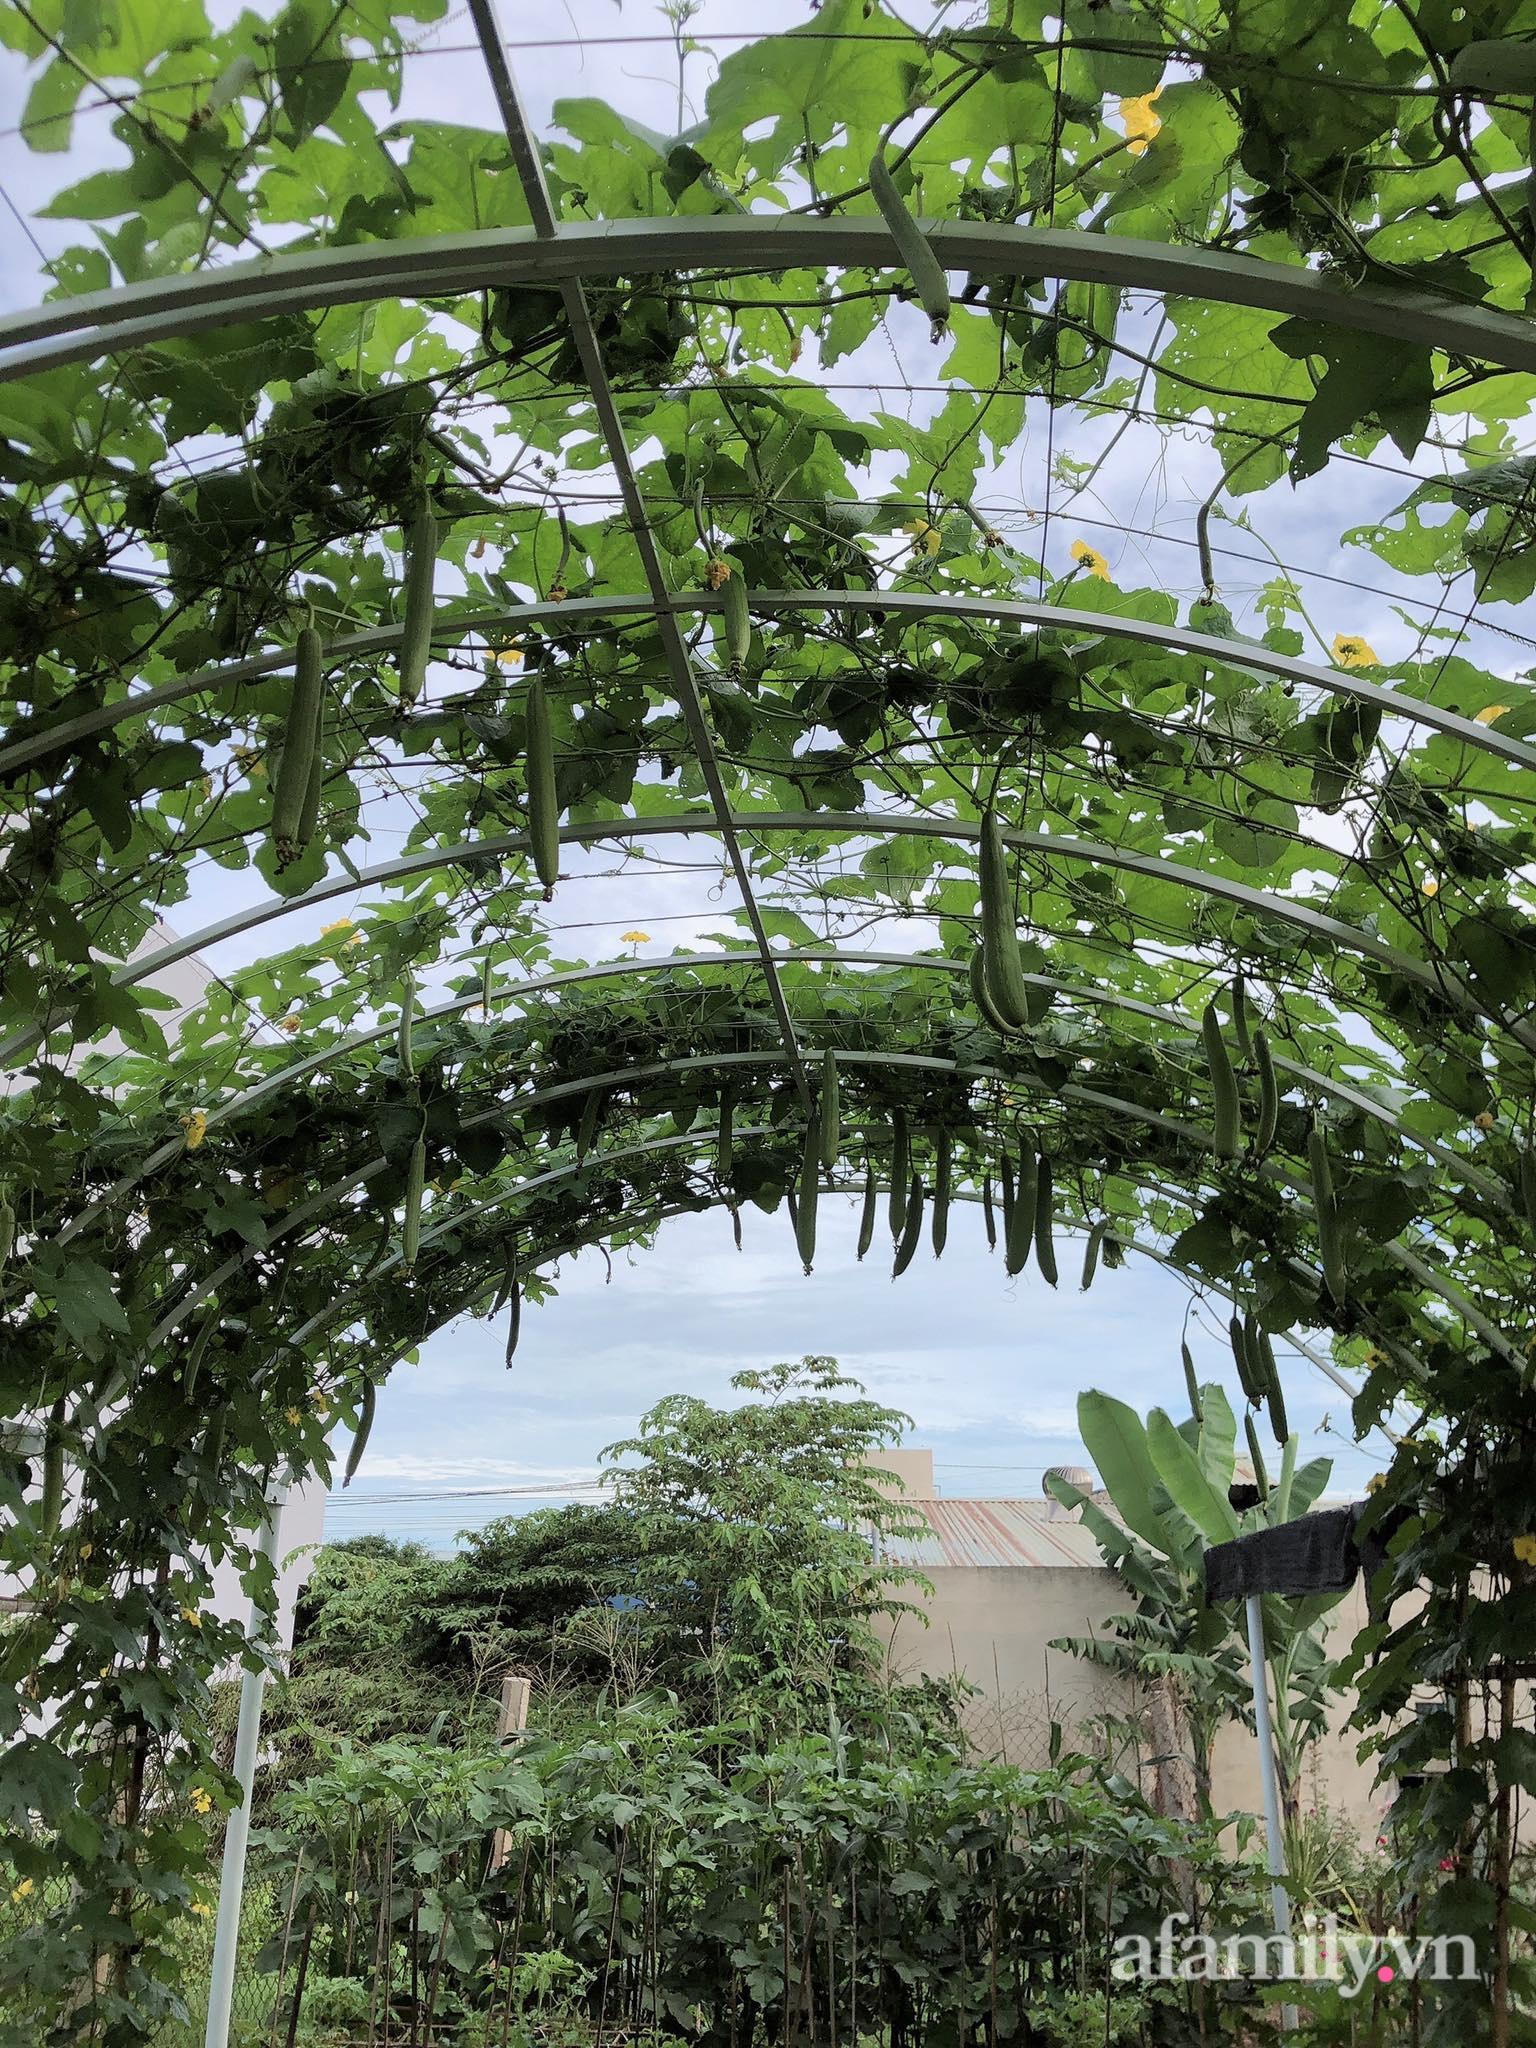 Vườn 500m² được quy hoạch khoa học để trồng đủ các loại rau quả sạch của mẹ đảm ở Quy Nhơn - Ảnh 7.